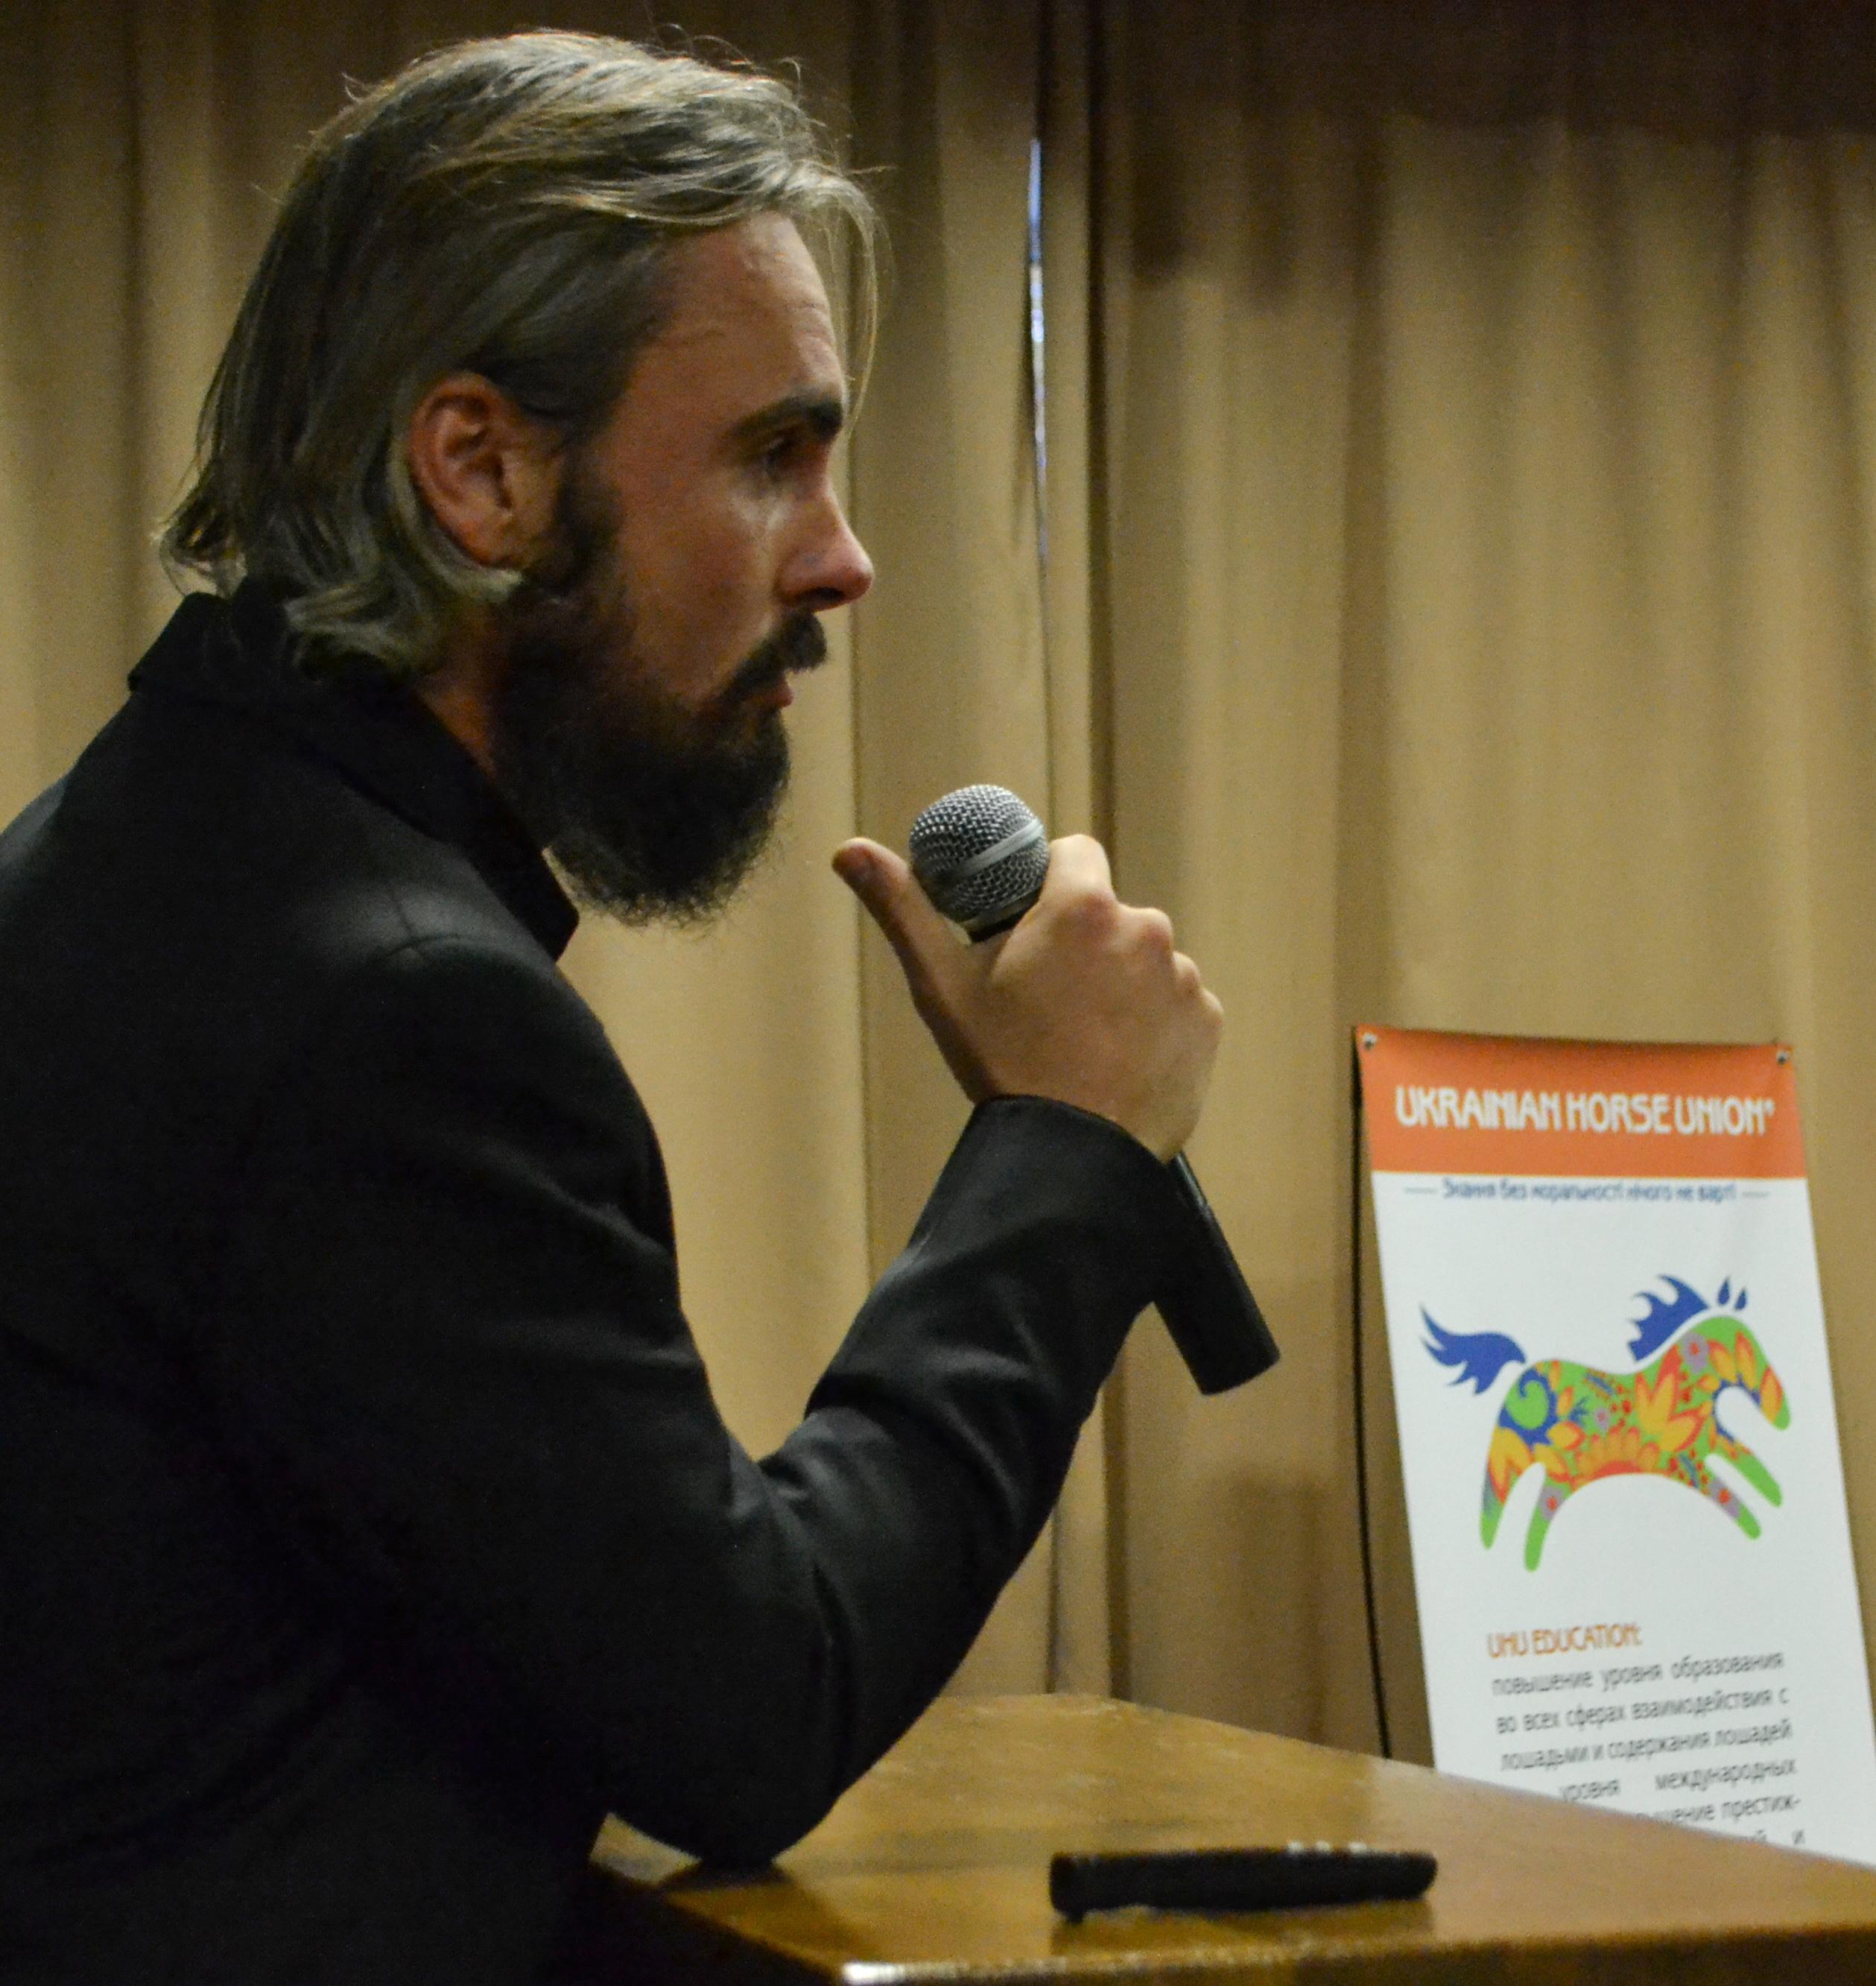 Не учить, а совместно учиться: чем запомнился Международный ветеринарный семинар?_(выпуск журнала №42)